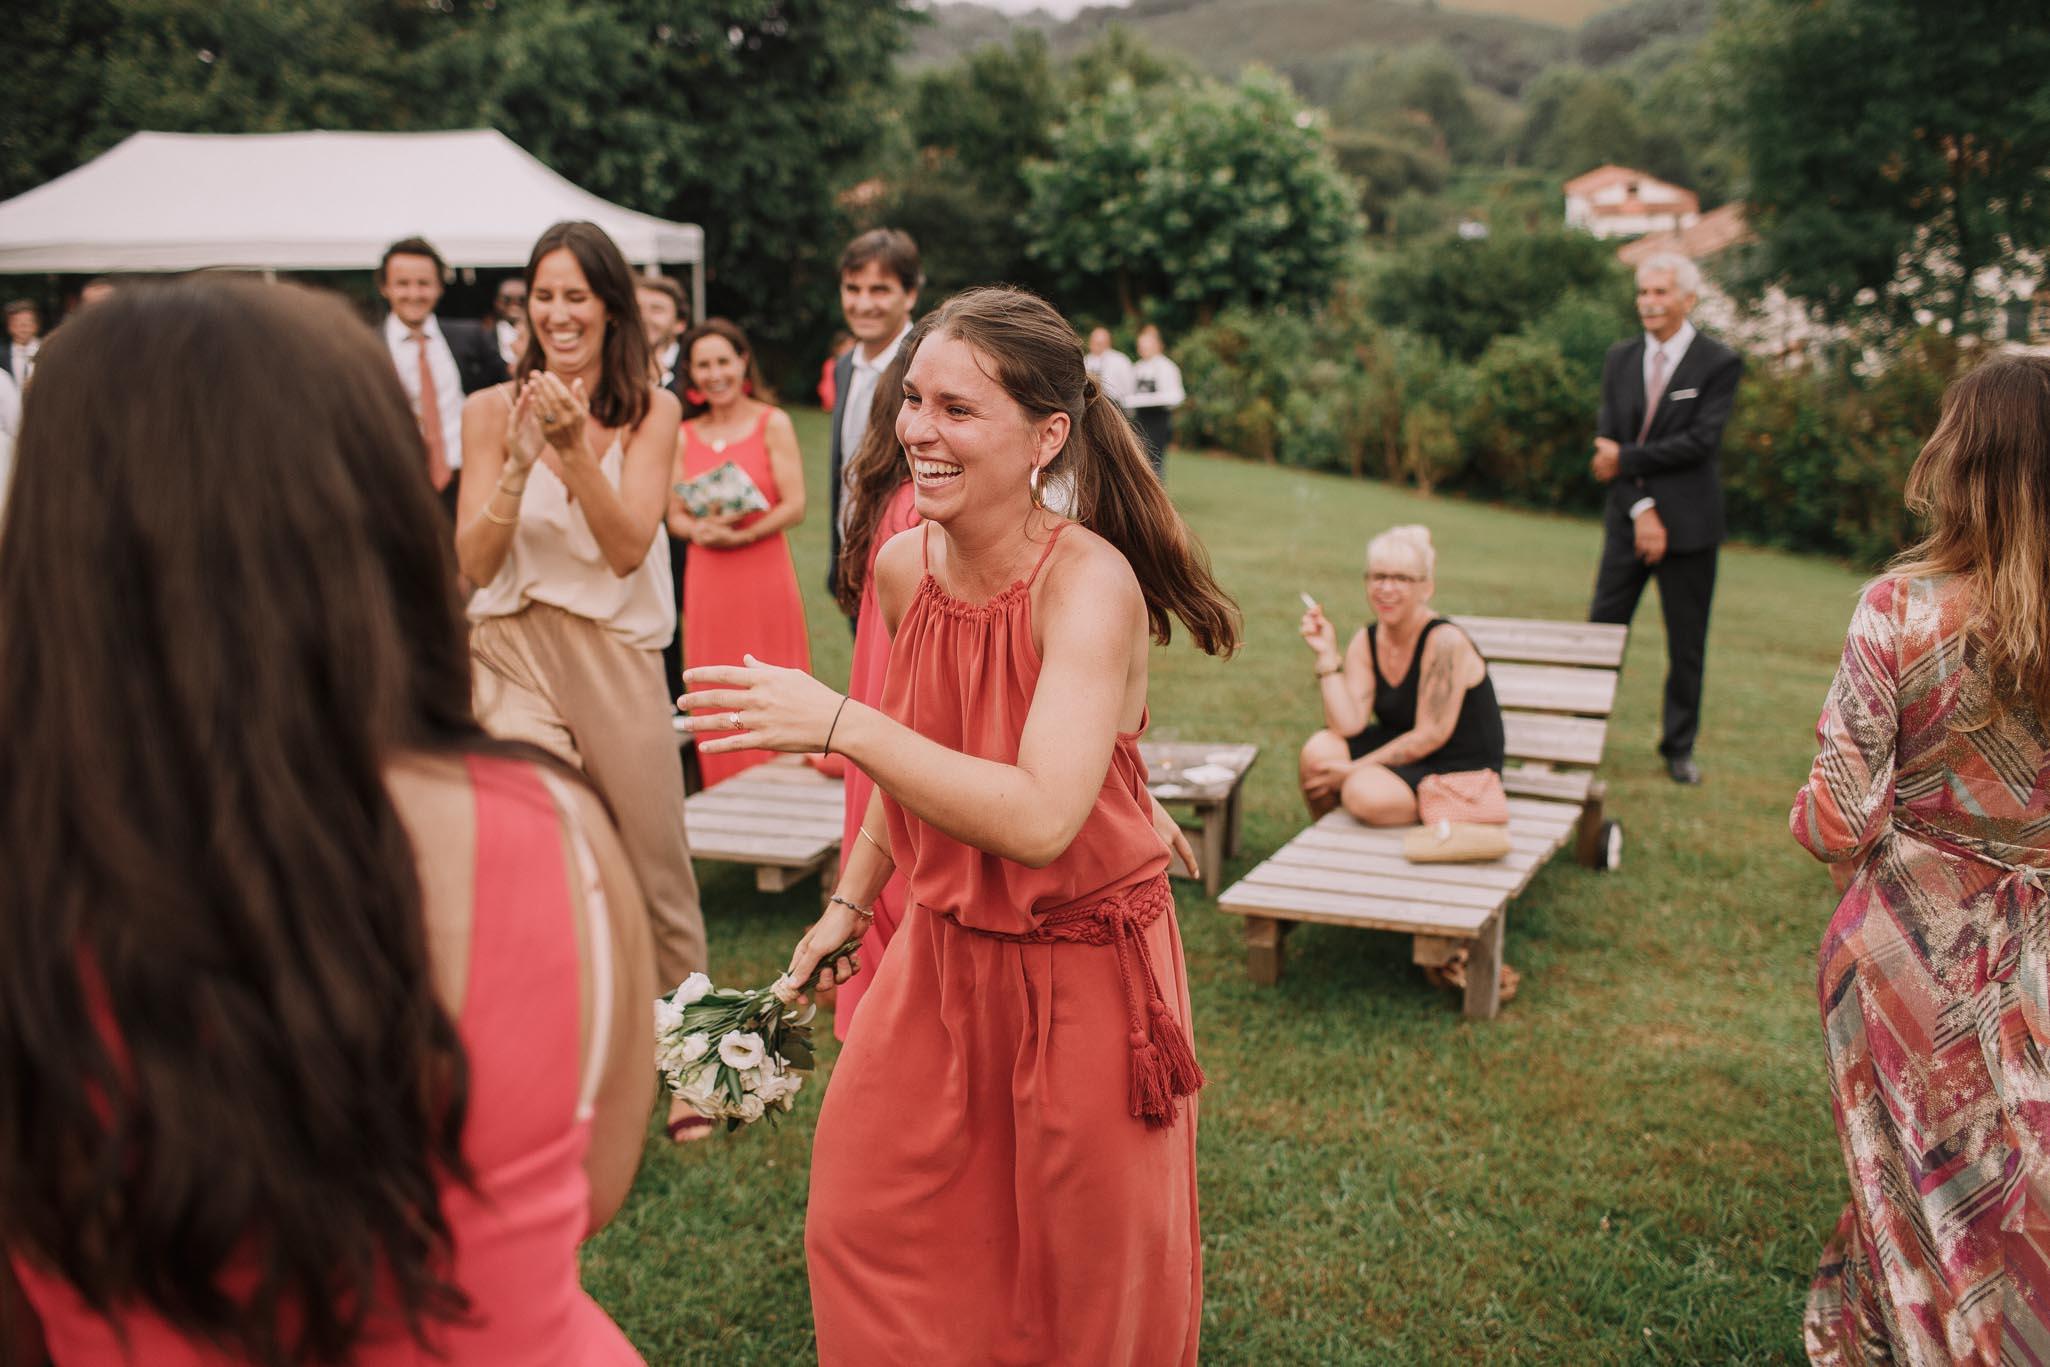 Photographe-mariage-bordeaux-jeremy-boyer-pays-basque-ihartze-artea-sare-robe-eleonore-pauc-couple-amour-139.jpg